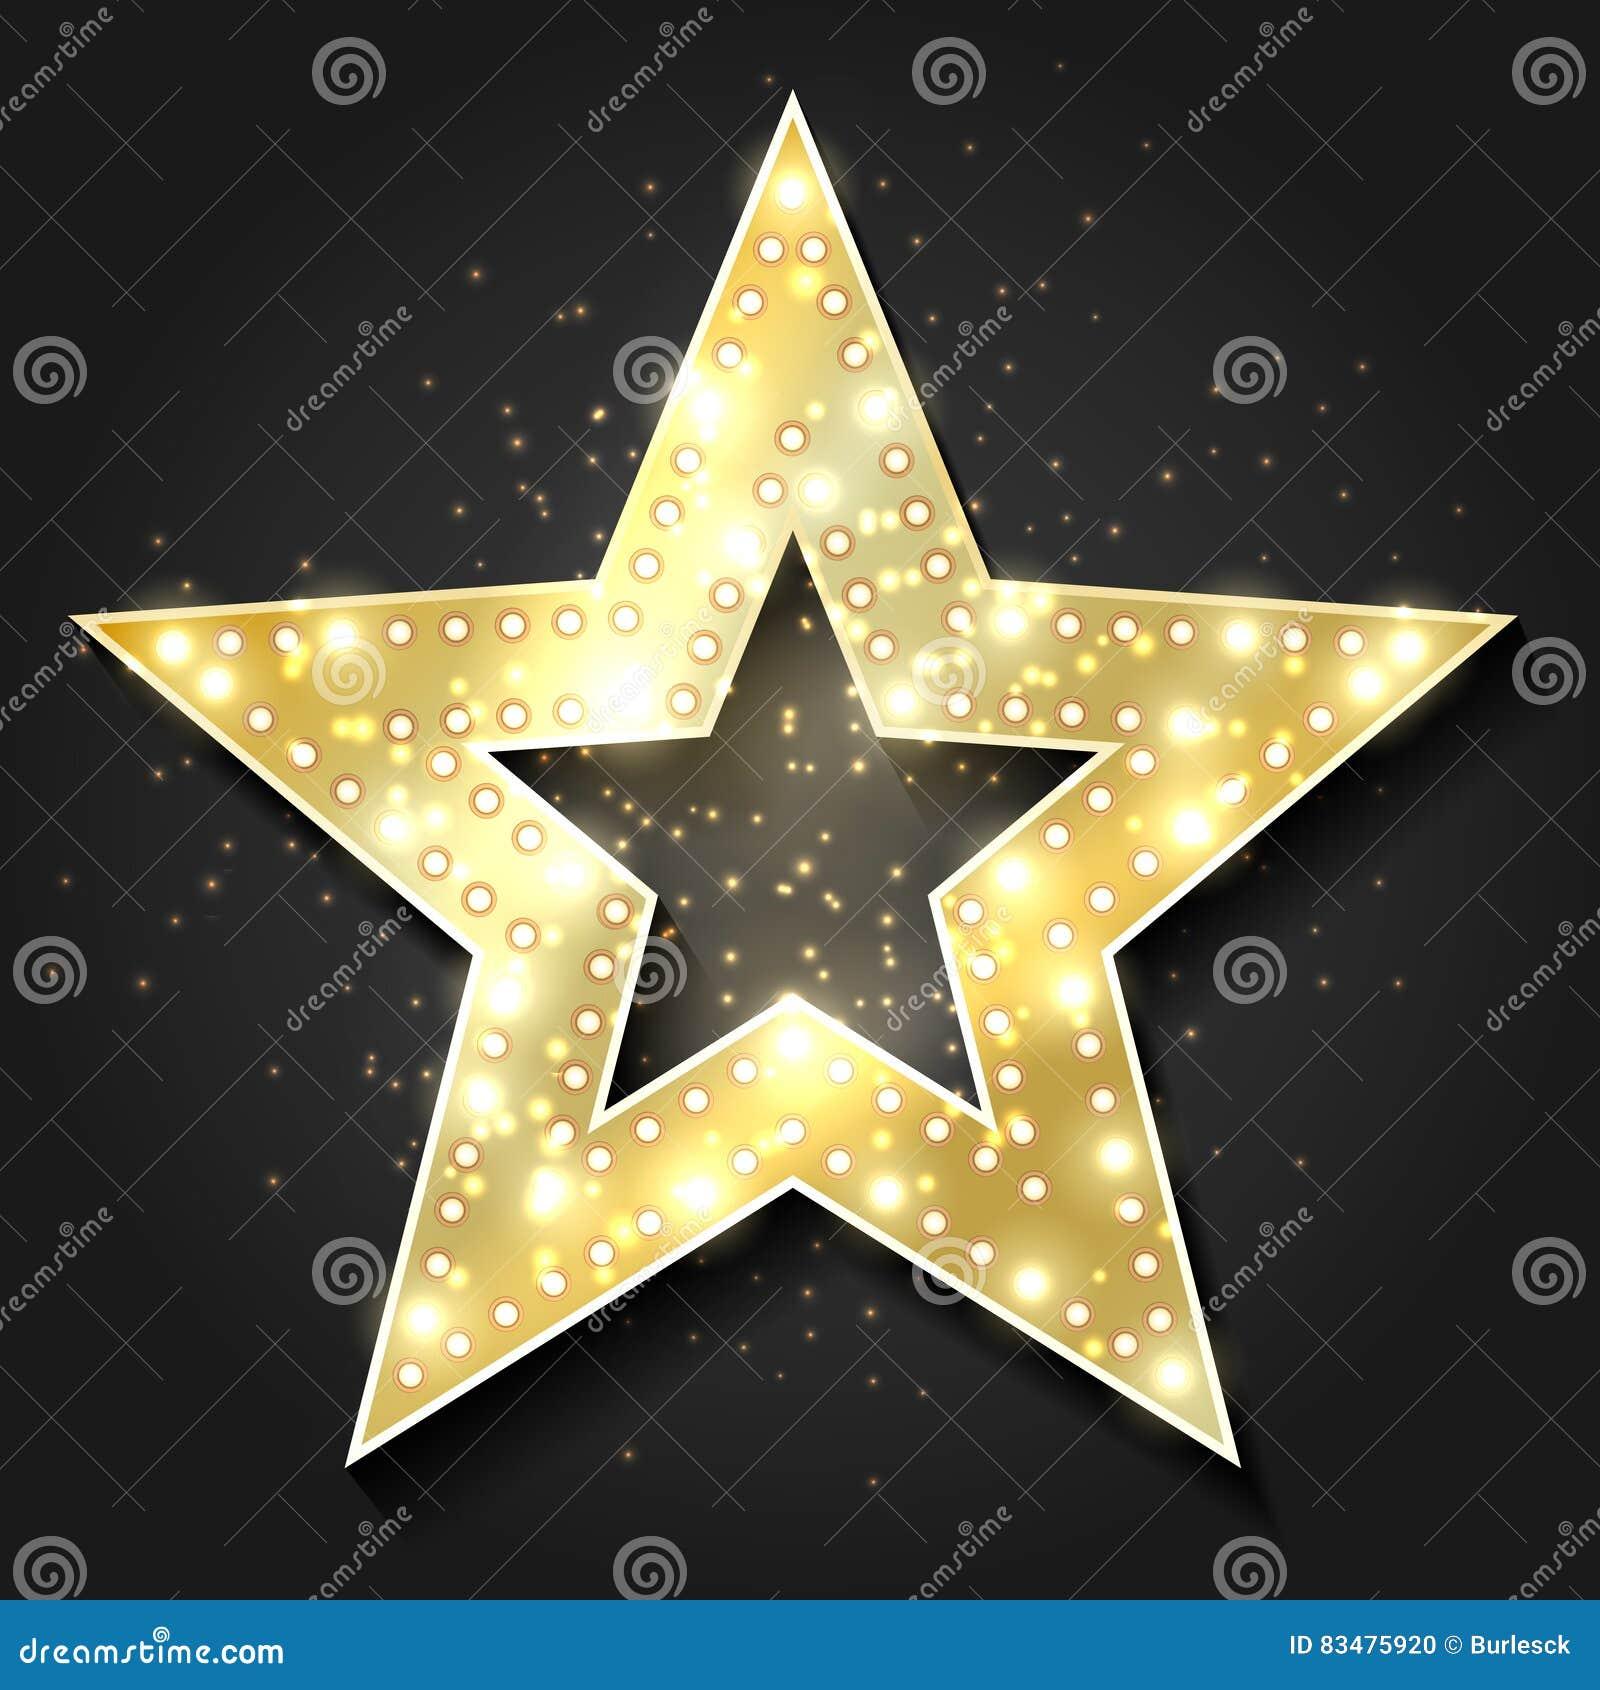 Τα αστέρια διαμορφώνουν το αναδρομικό τρισδιάστατο πλαίσιο με τα φω τα Διανυσματικό στοιχείο σχεδίου αστέρων κινηματογράφου holly